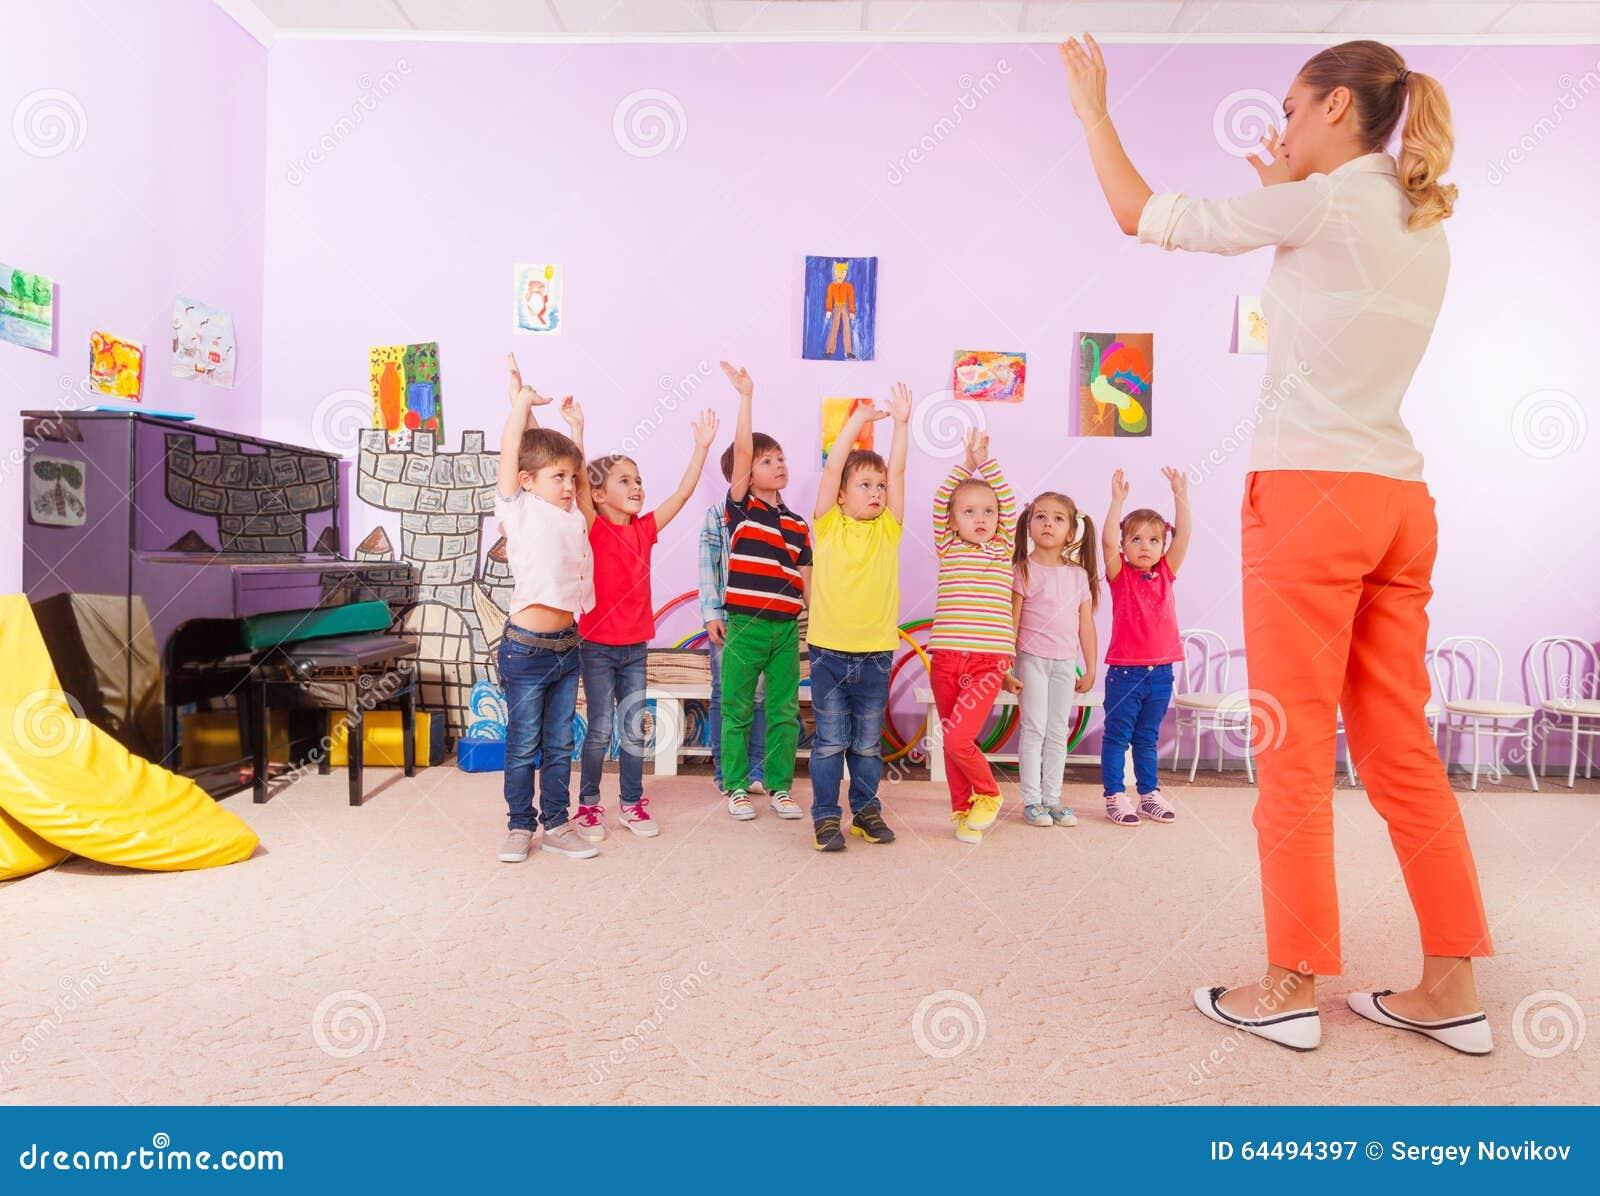 Preschooler Exercise